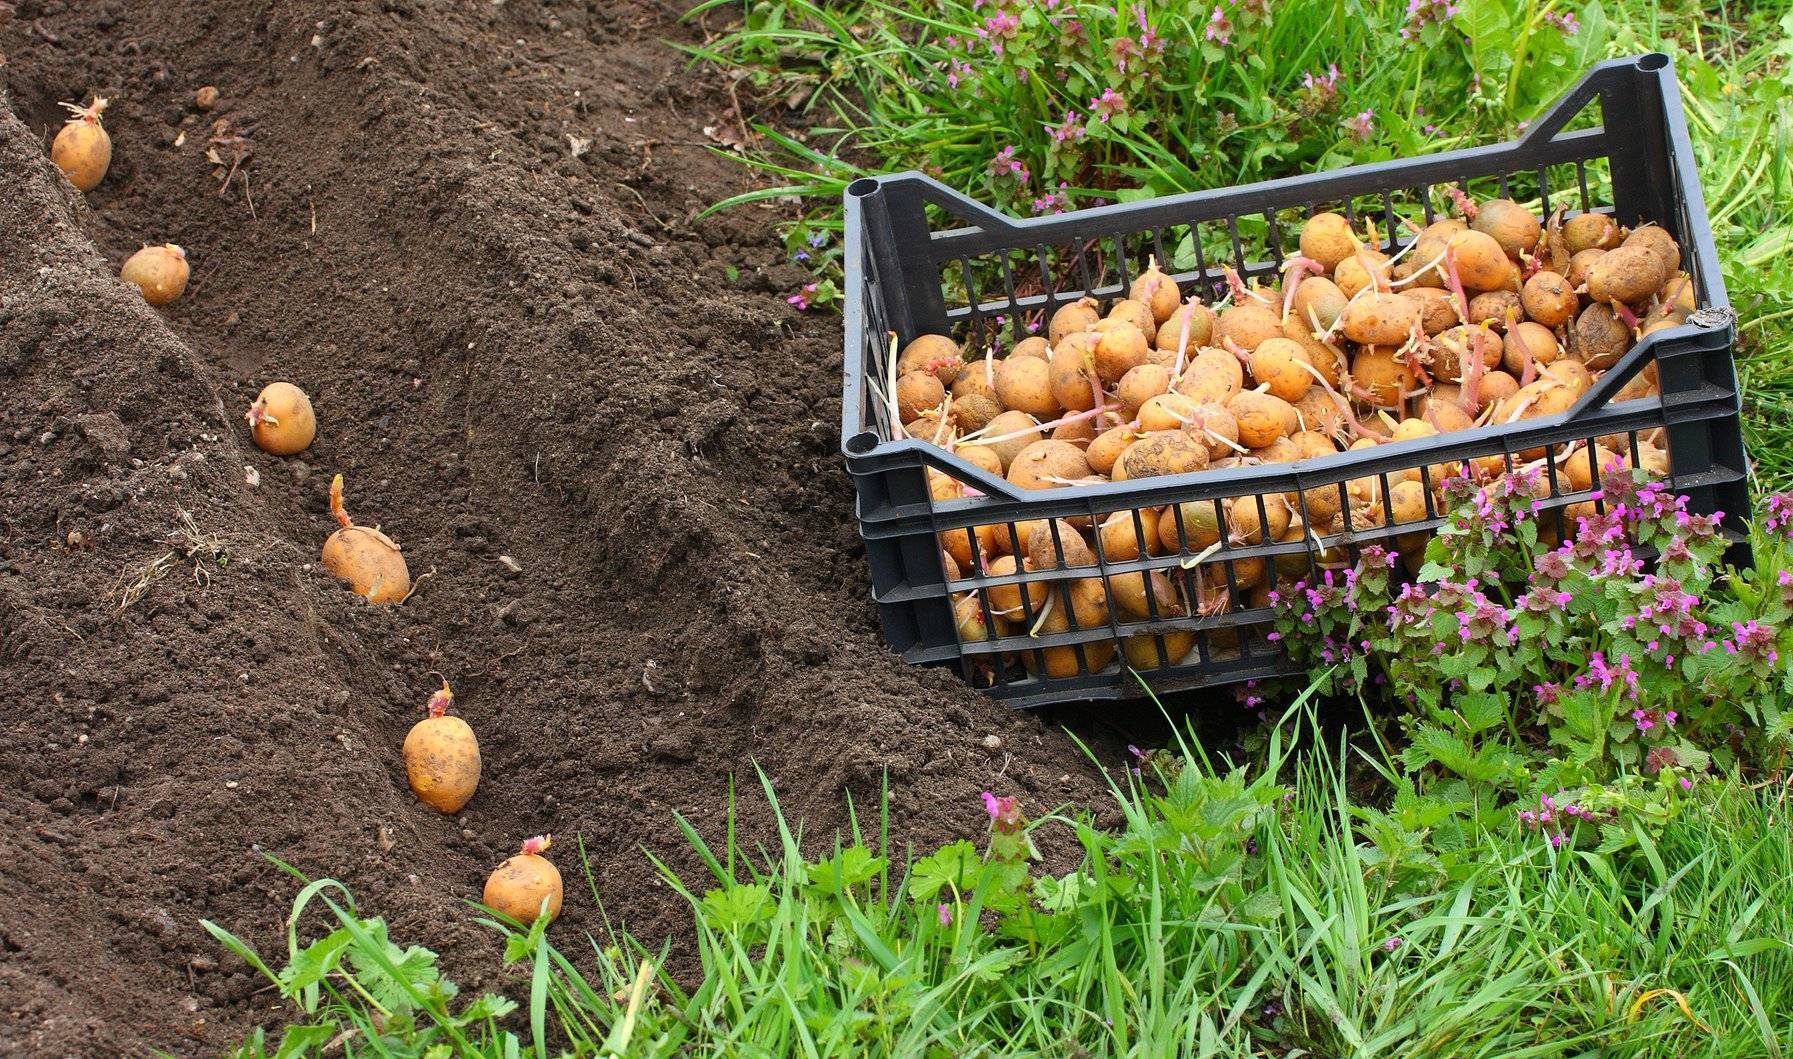 Удобрения картофеля перед окучиванием, листовая подкормка минеральными удобрениями